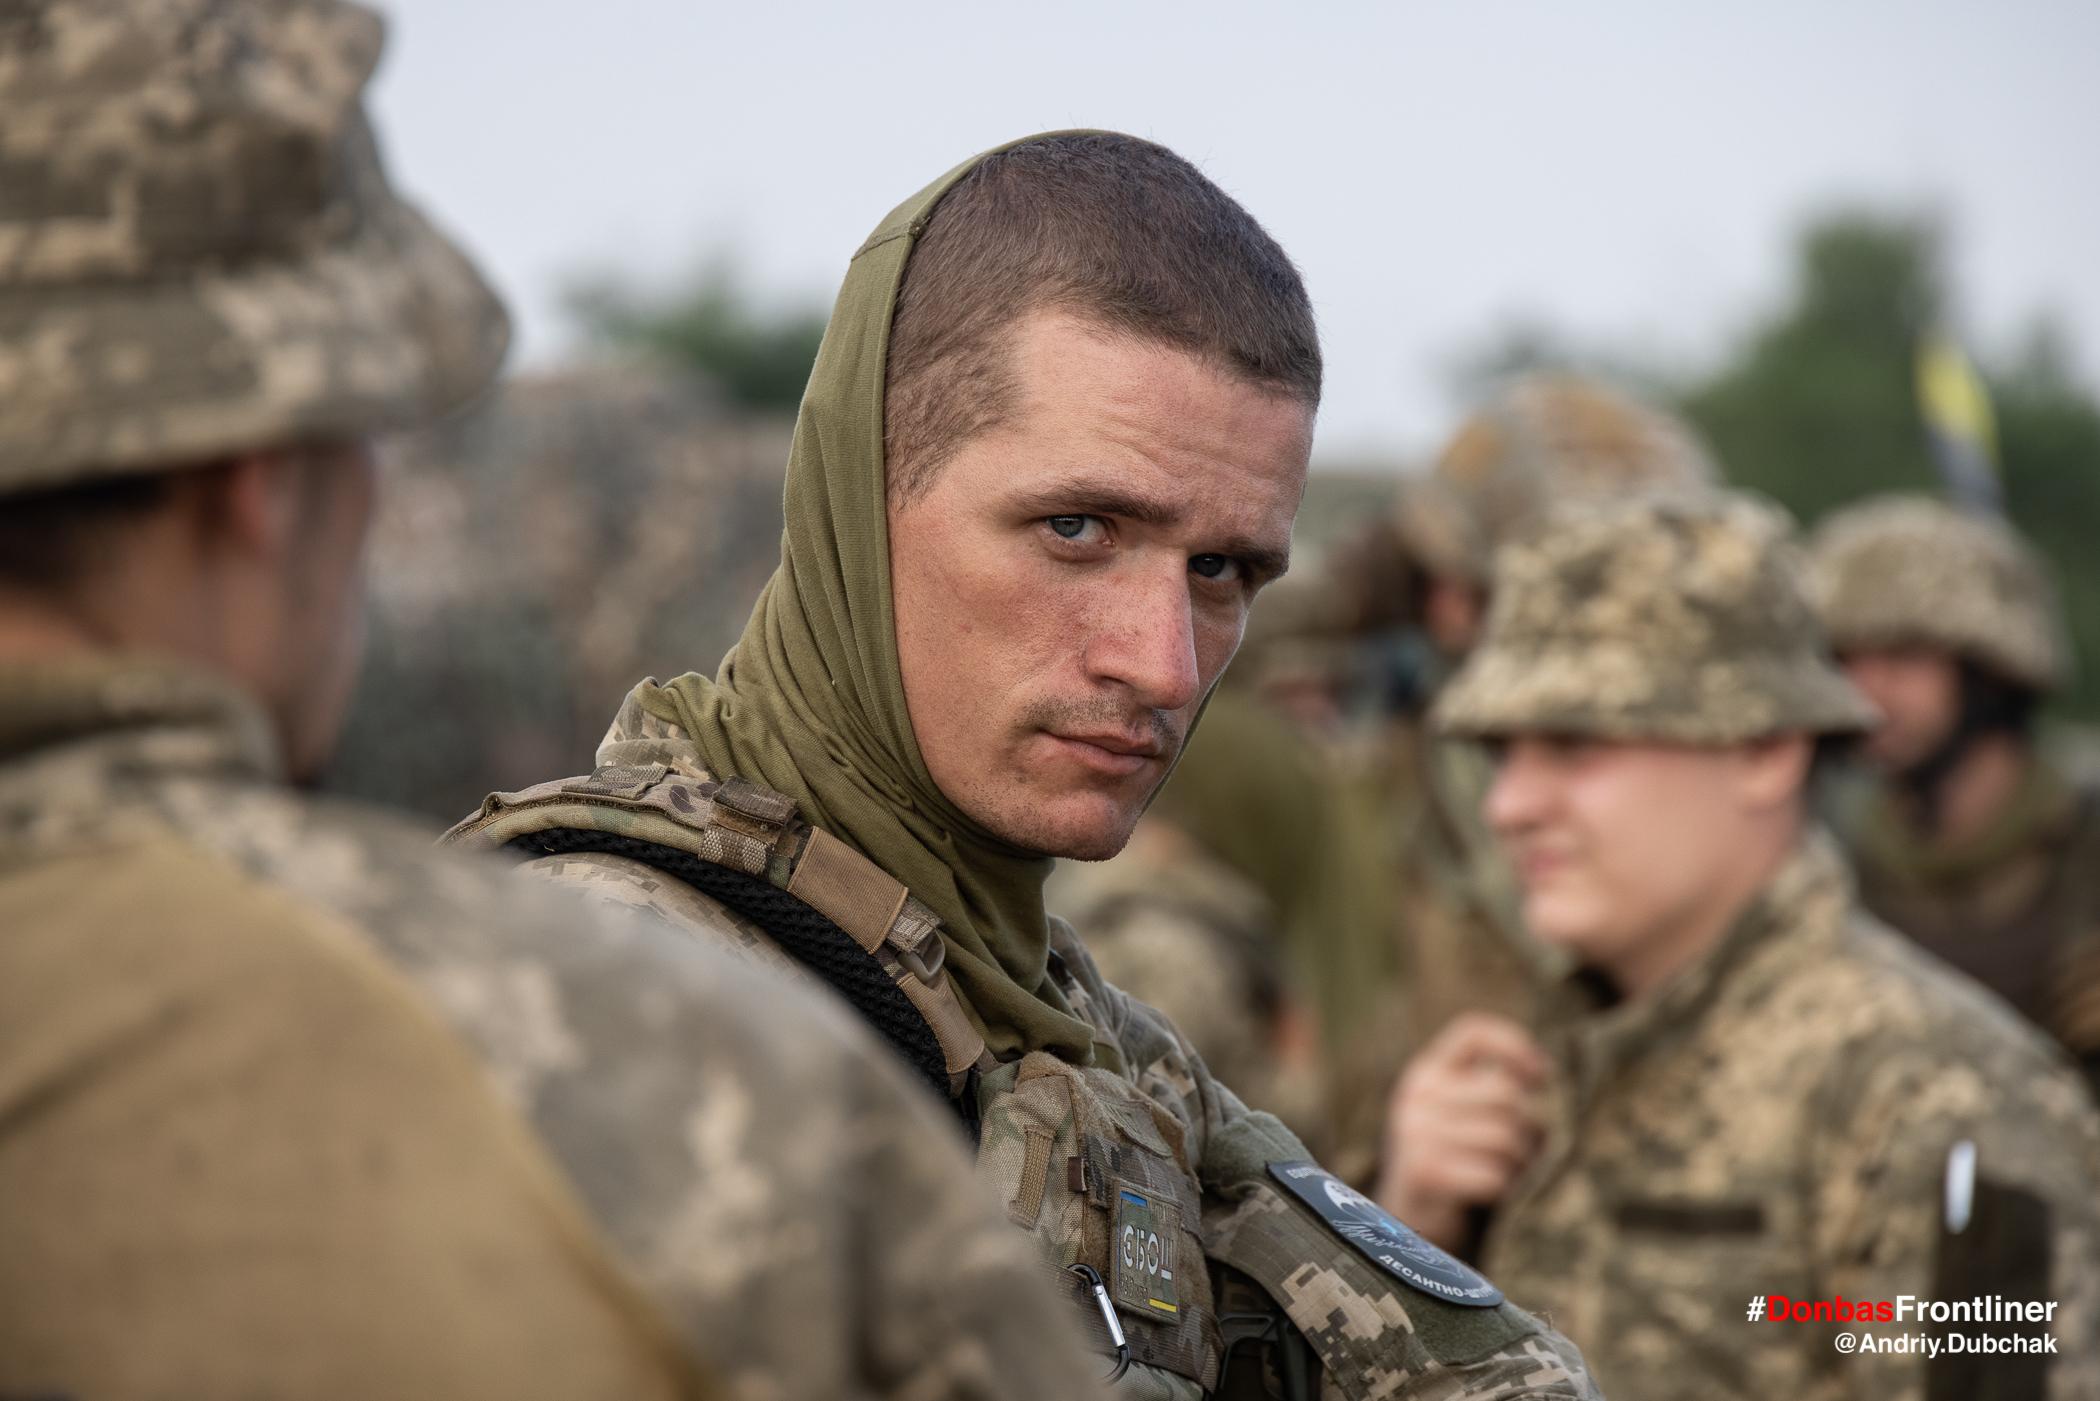 Очі морпіха. Бойове тренування 503-го батальйону морської піхоти на Приазов'ї, липень 2021 року